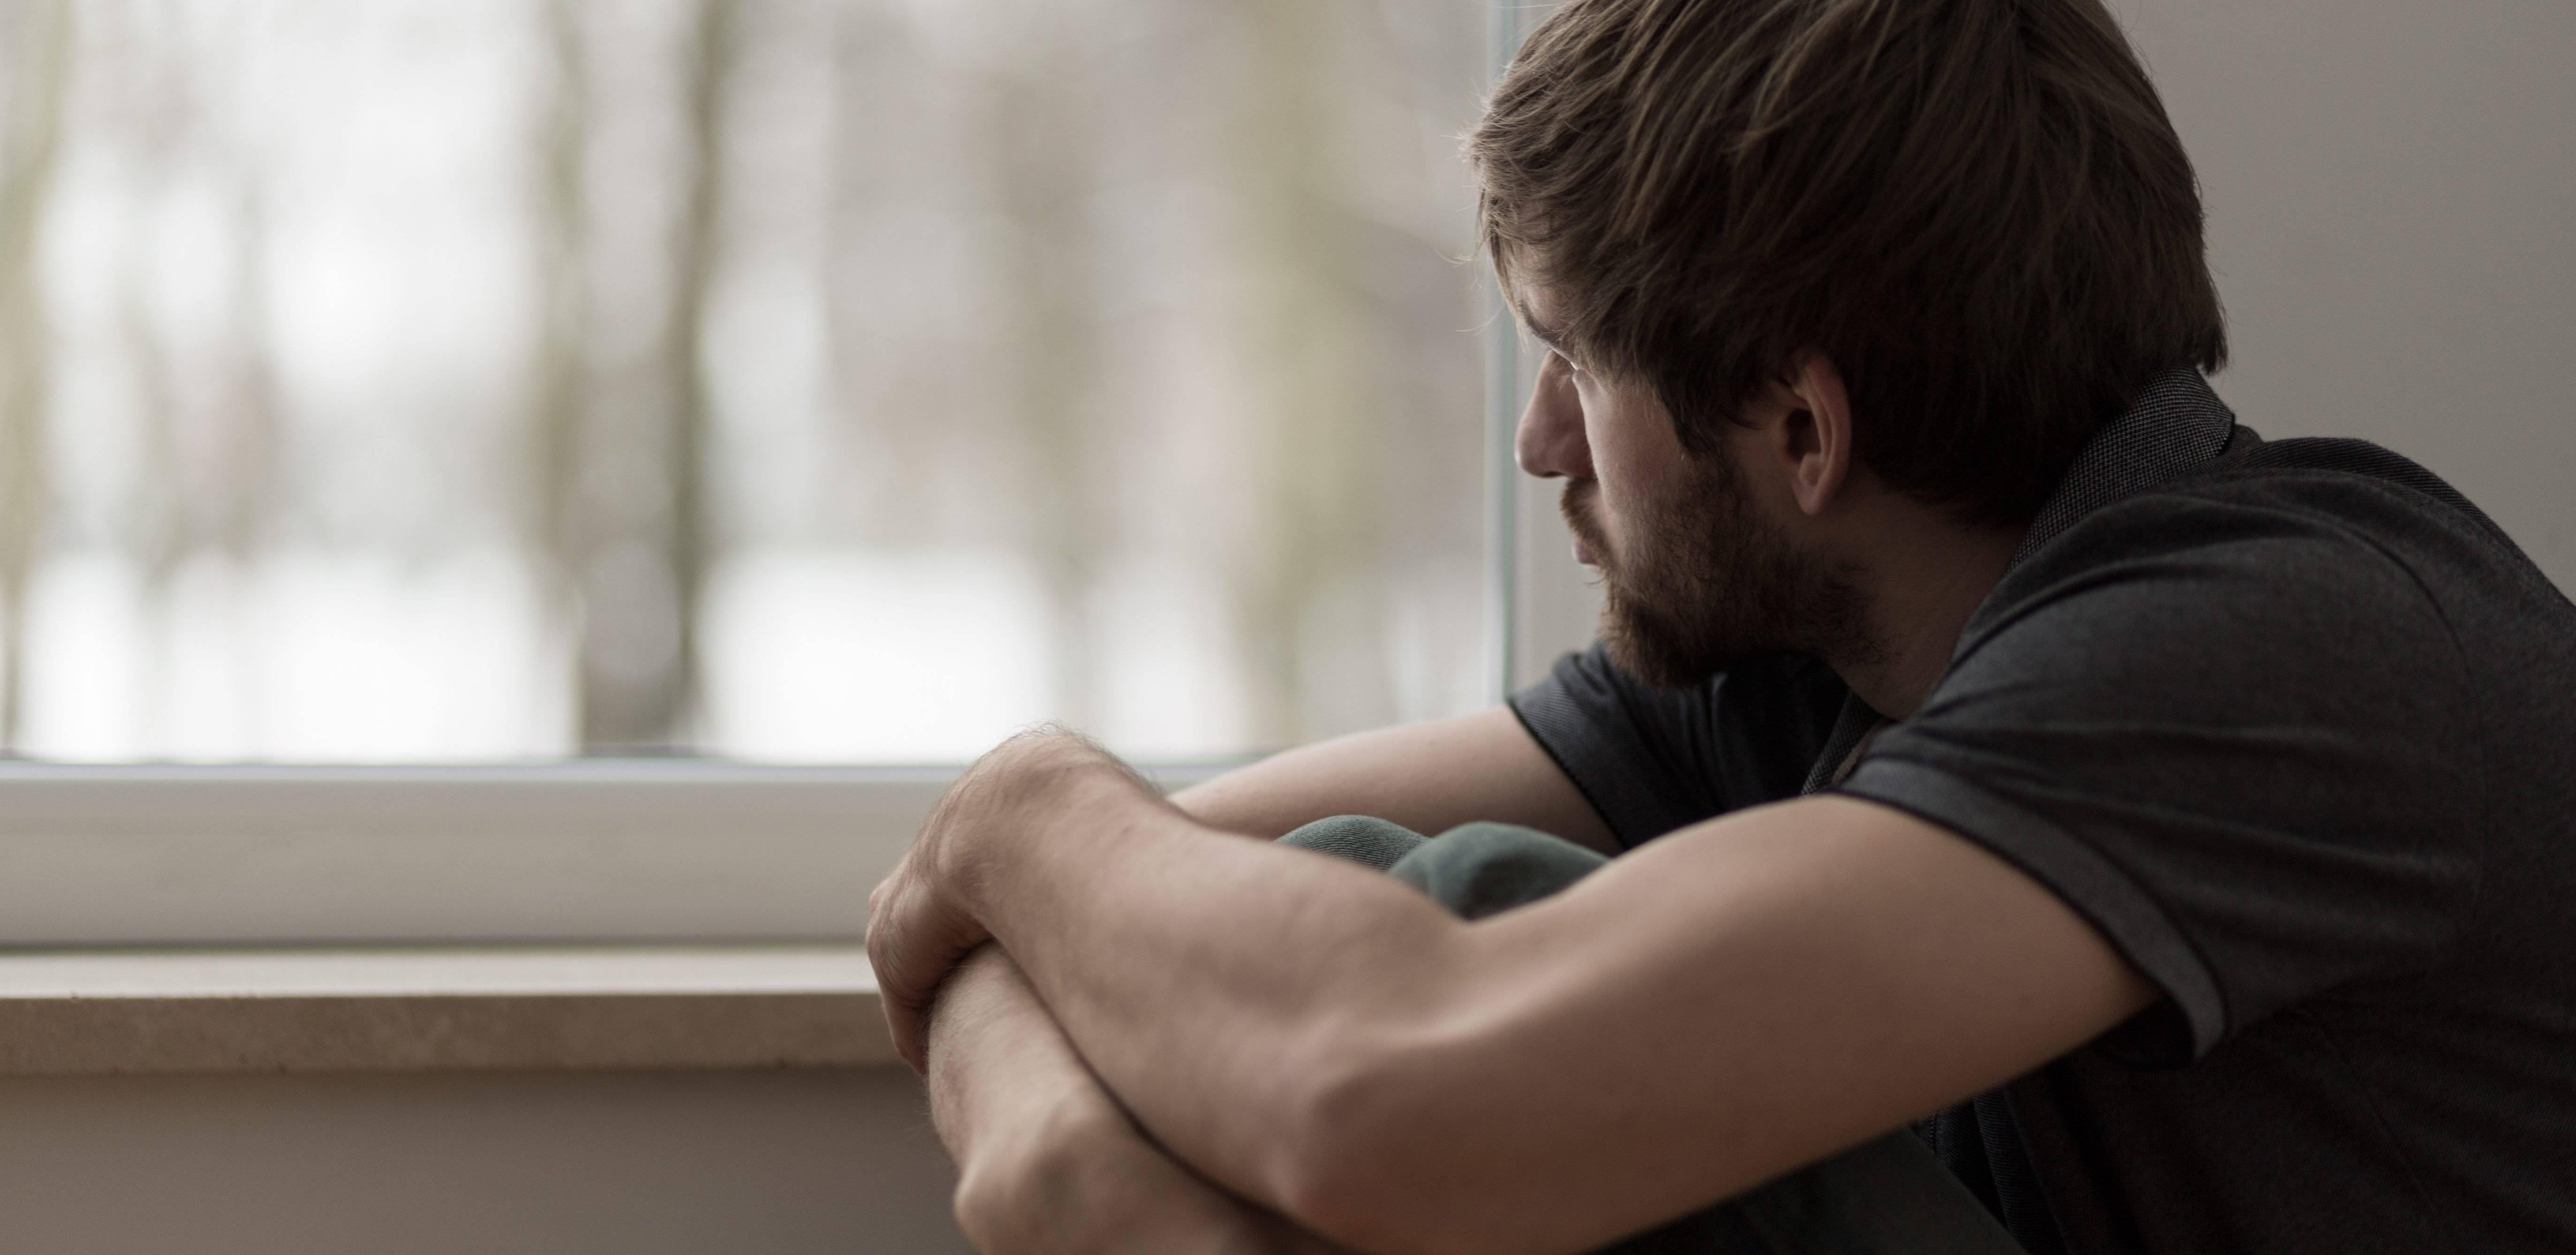 Чувствительная головка члена: причины чувствительности и способы ее снижения